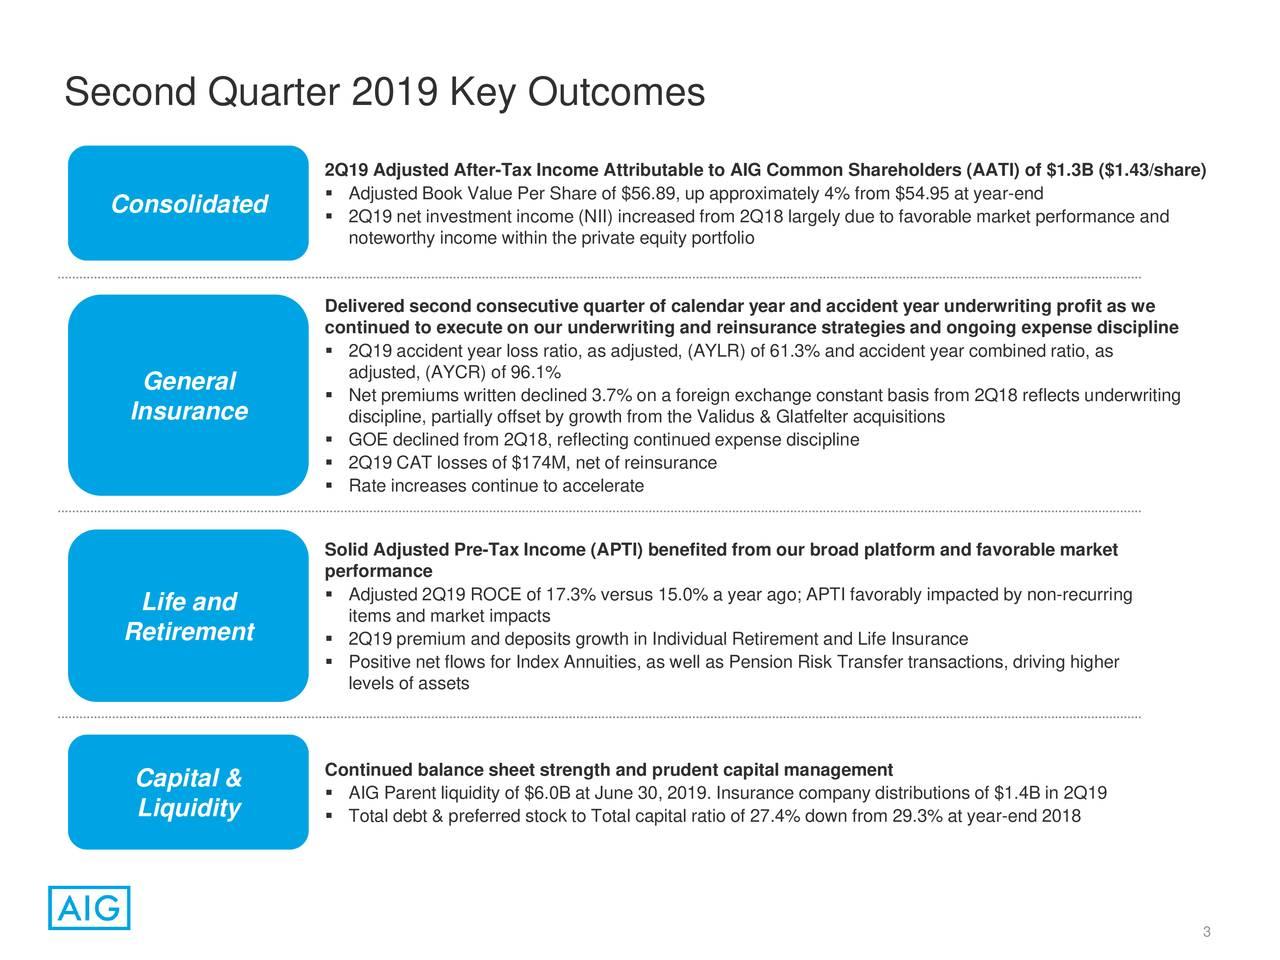 Second Quarter 2019 Key Outcomes